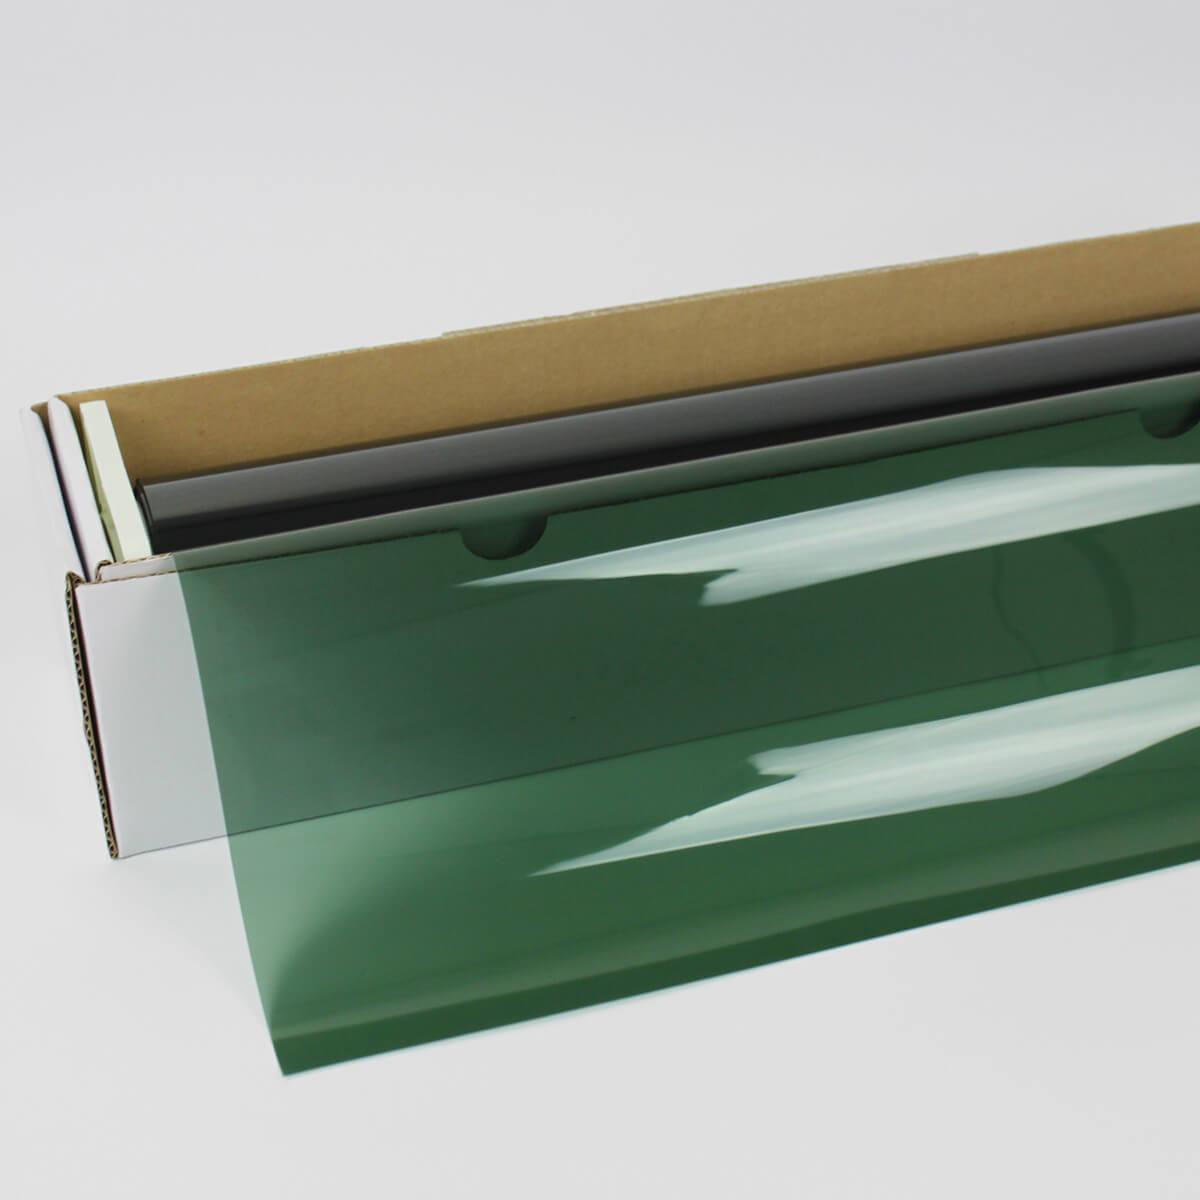 カーフィルム 窓ガラスフィルム IRグリーン30(30%) 50cm幅×30mロール箱売 カラーフィルム 染色フィルム 遮熱フィルム 断熱フィルム UVカットフィルム ブレインテック Braintec